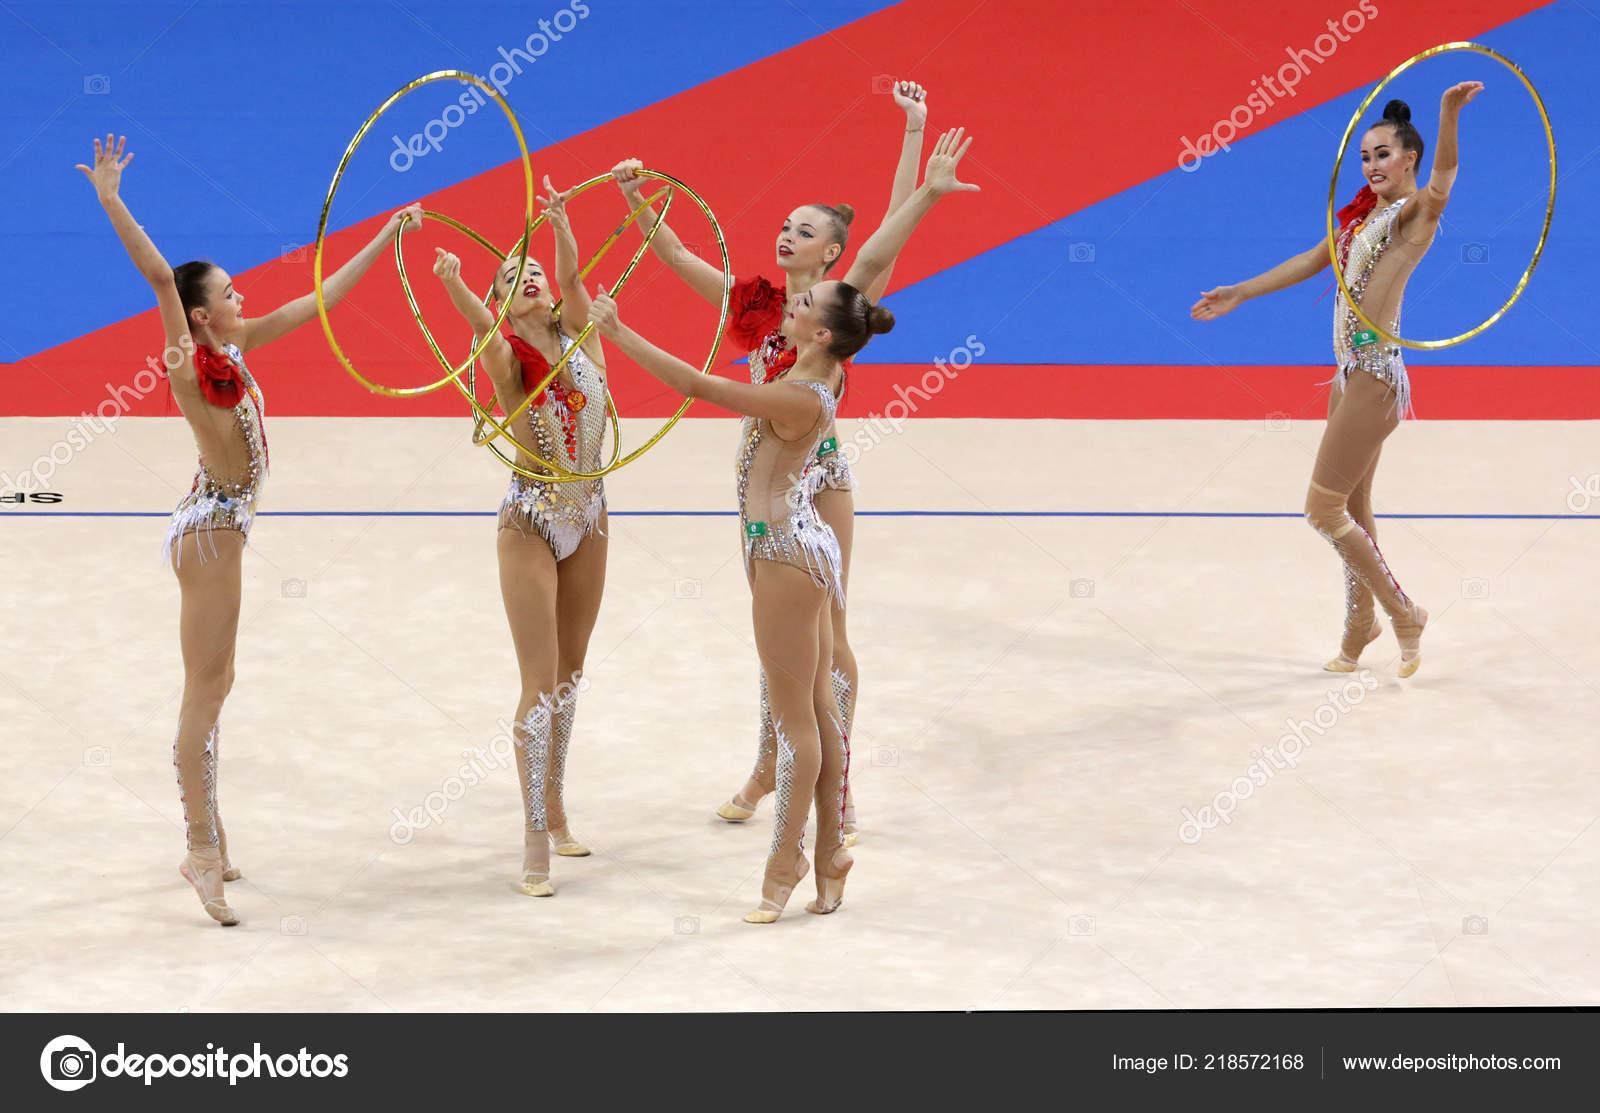 Sofia Bulgaria September 2018 Team Russian Federation Performs 2018